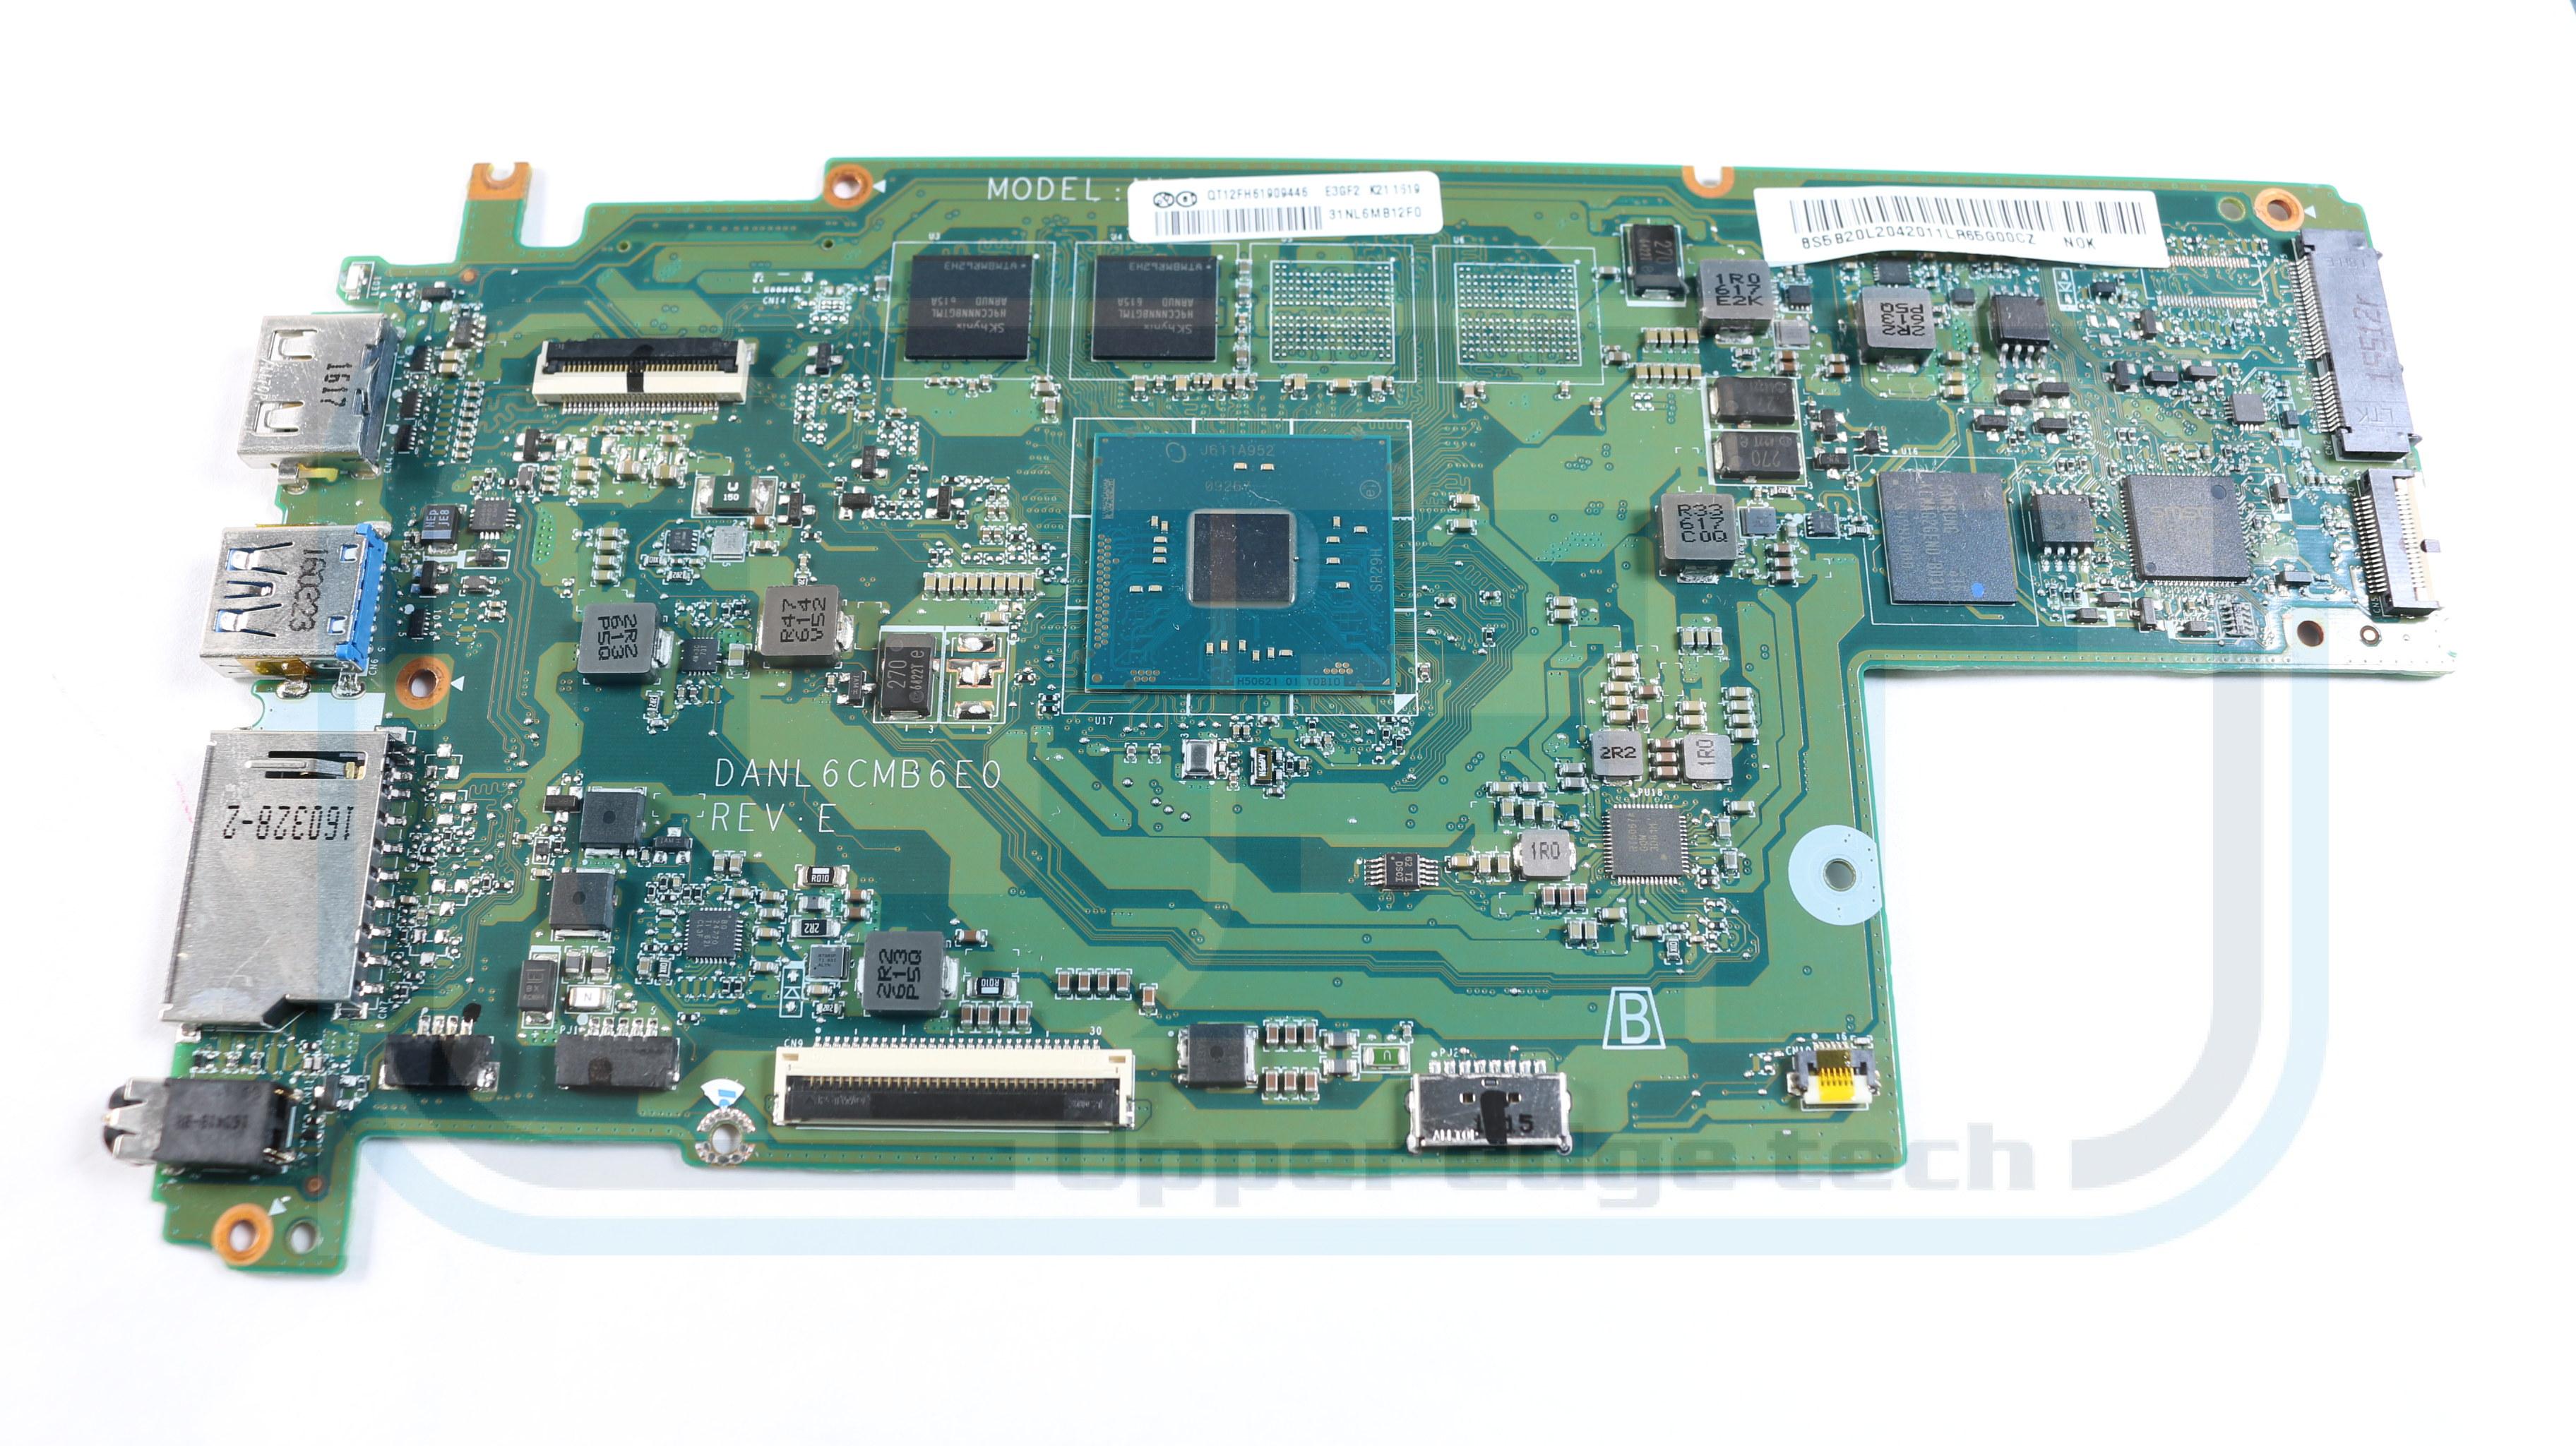 Lenovo IdeaPad N22 Motherboard 5B20L08676 Intel Celeron N3050 1.60GHz.